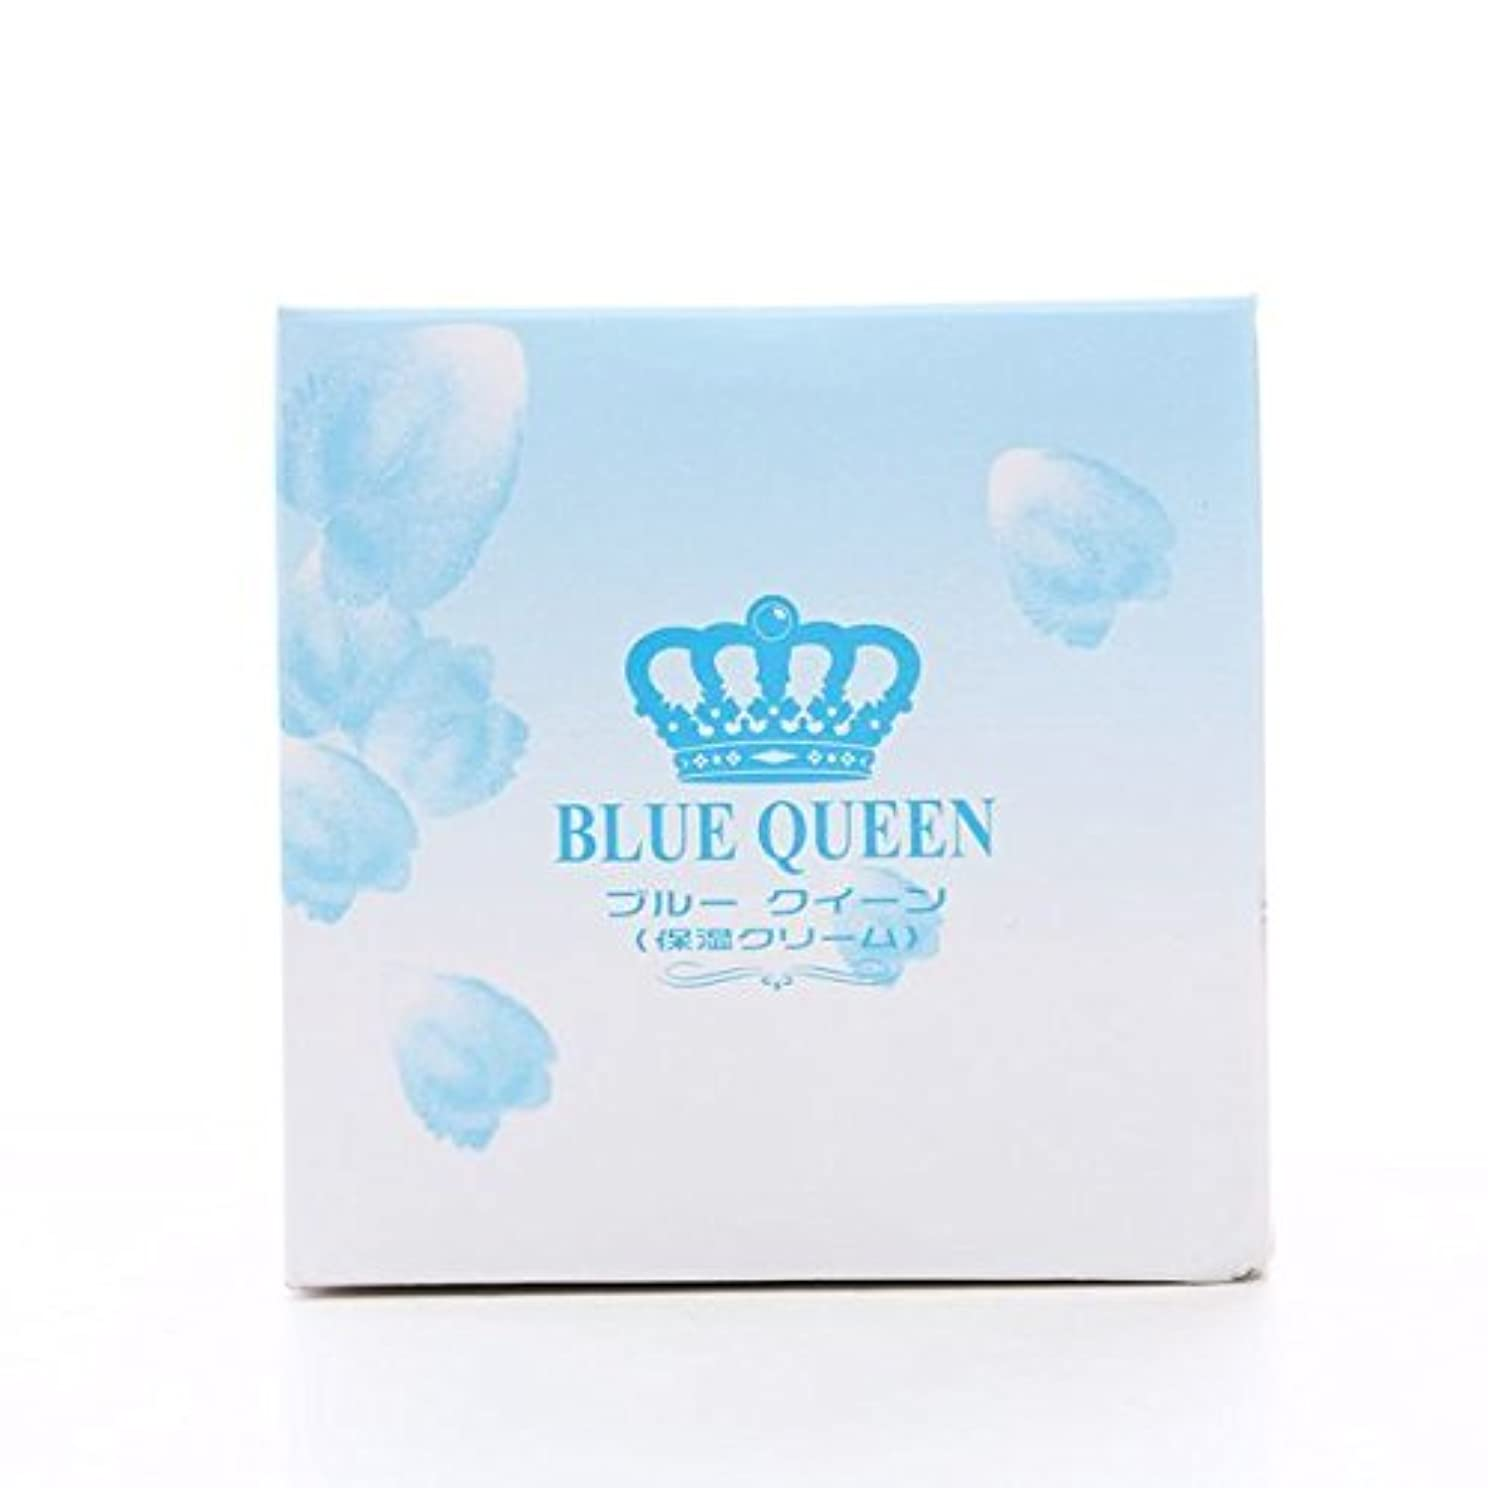 チーズ男らしい立方体ブルー クイーン BLUE QUEEN